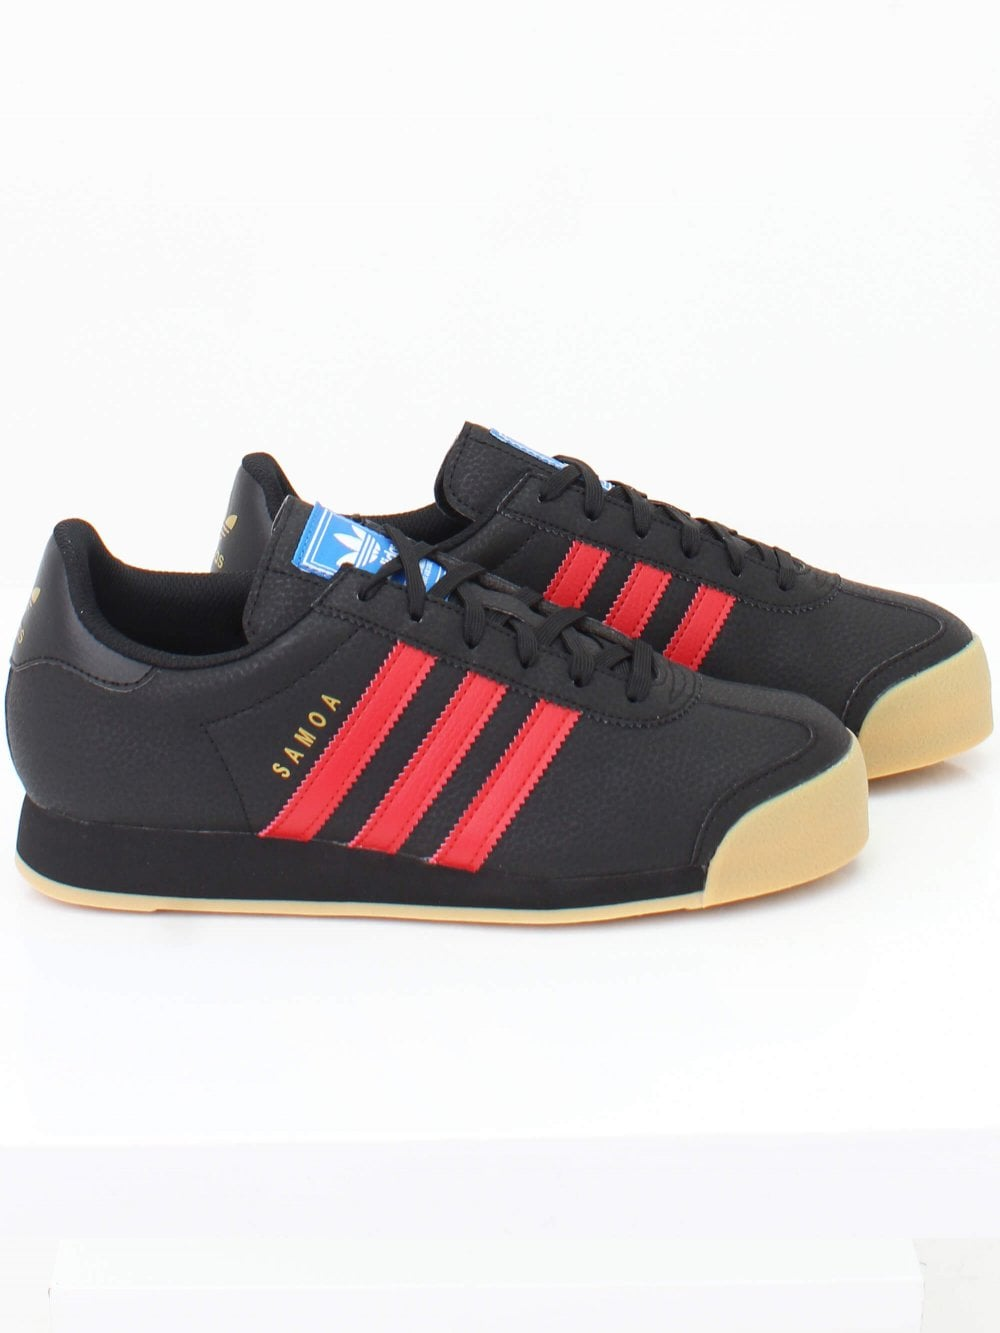 adidas Originals Samoa in Black